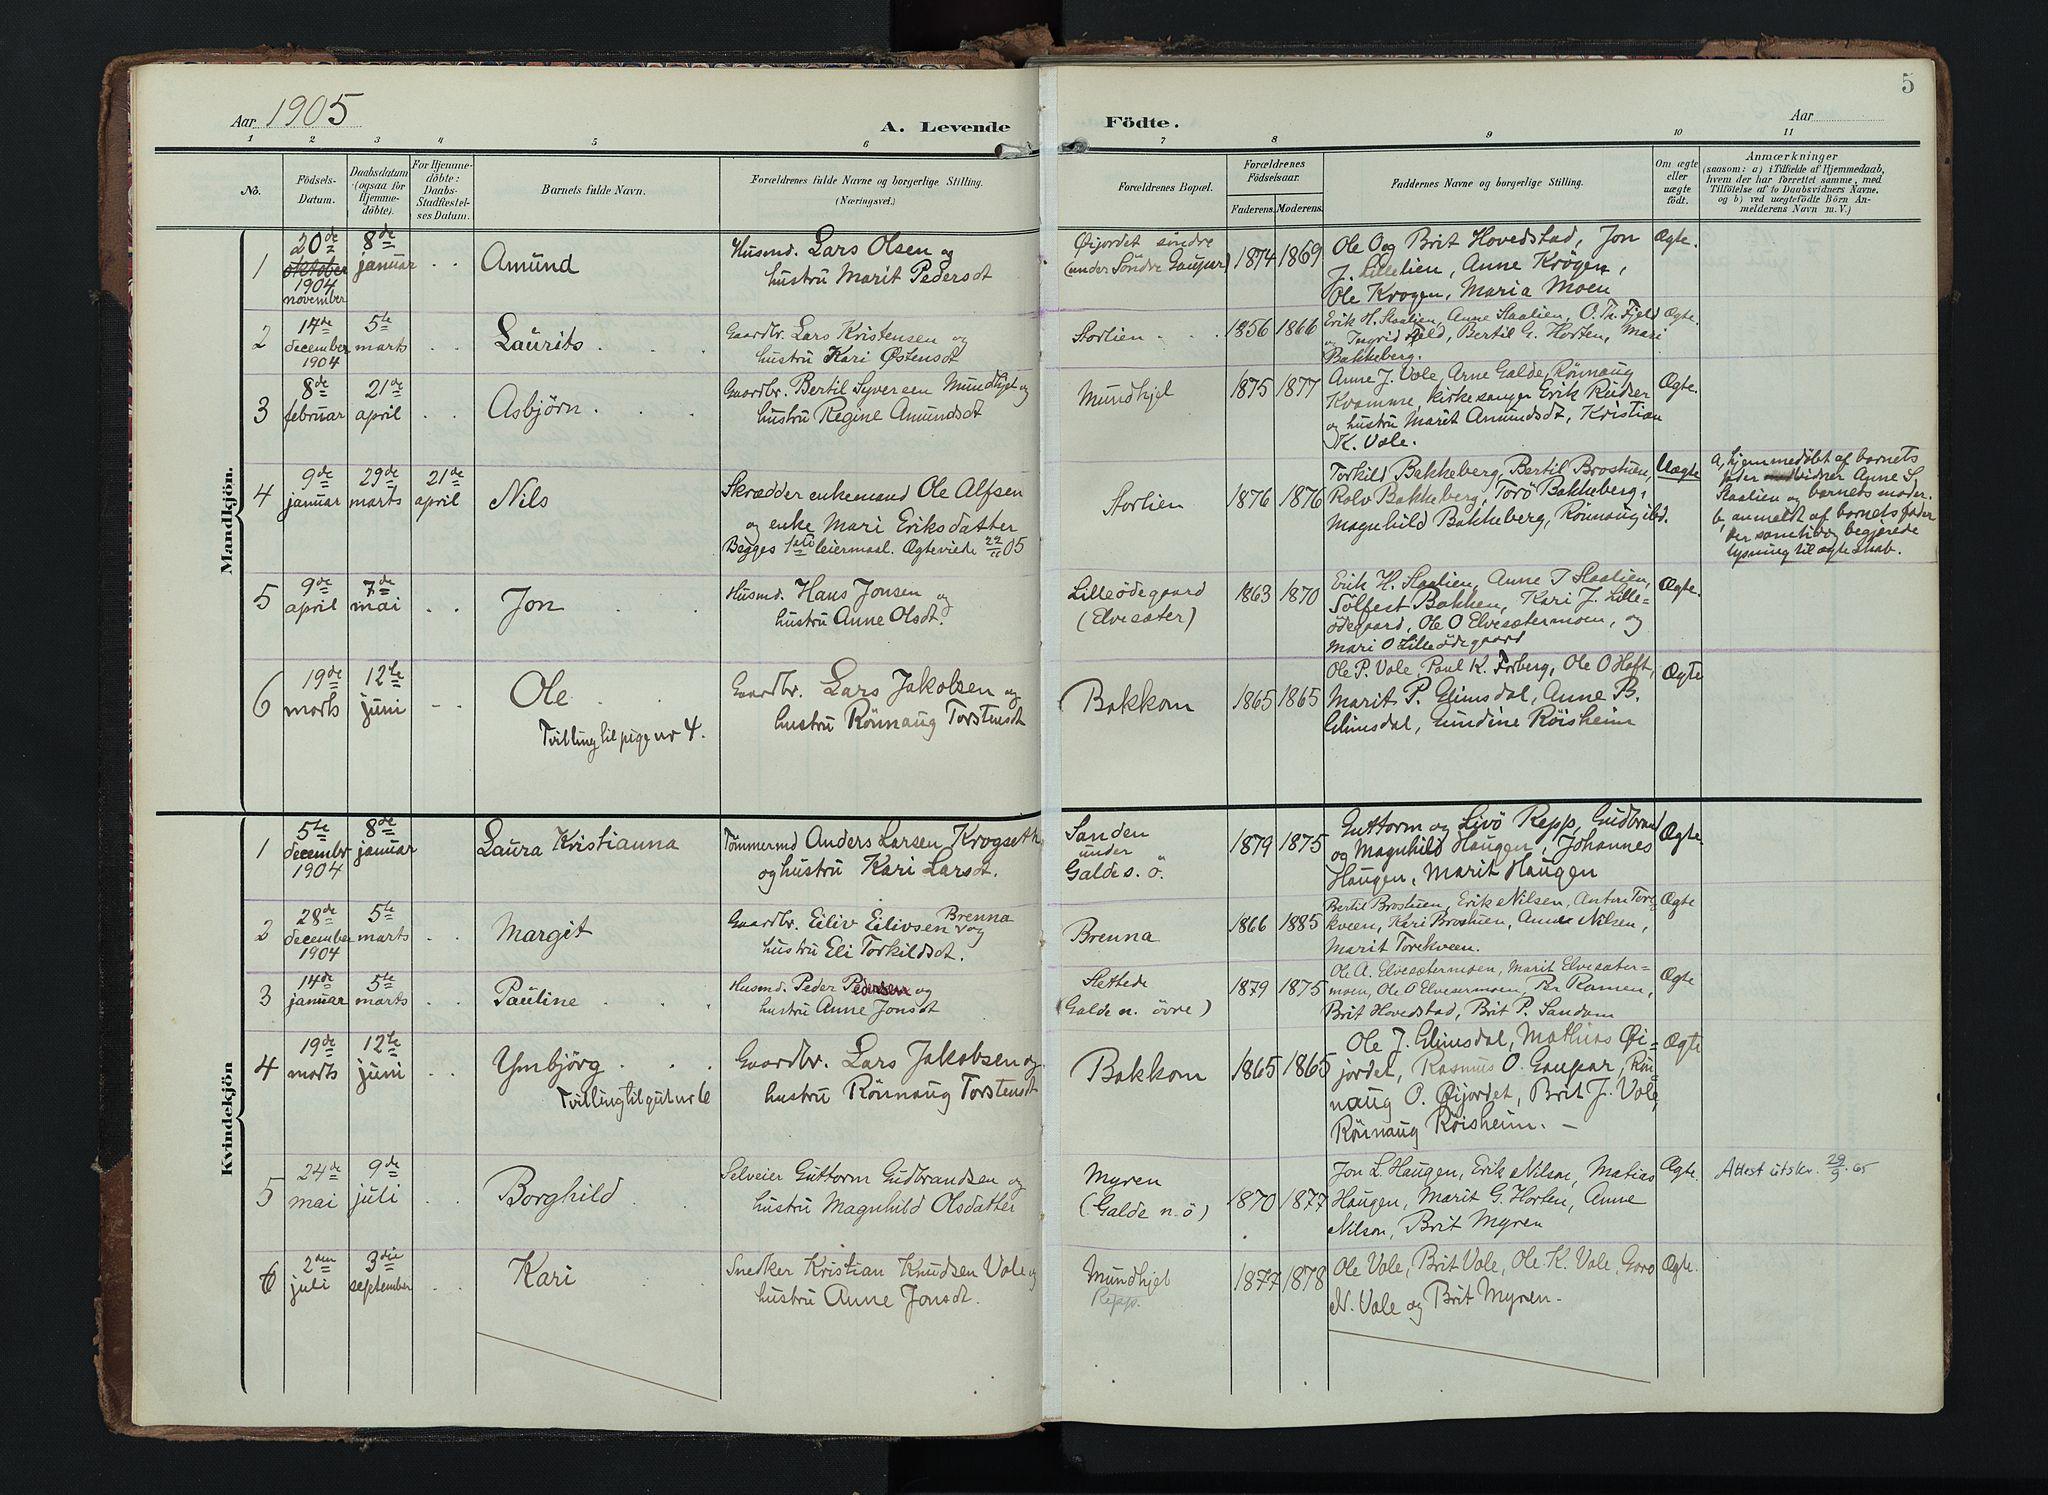 SAH, Lom prestekontor, K/L0012: Ministerialbok nr. 12, 1904-1928, s. 5